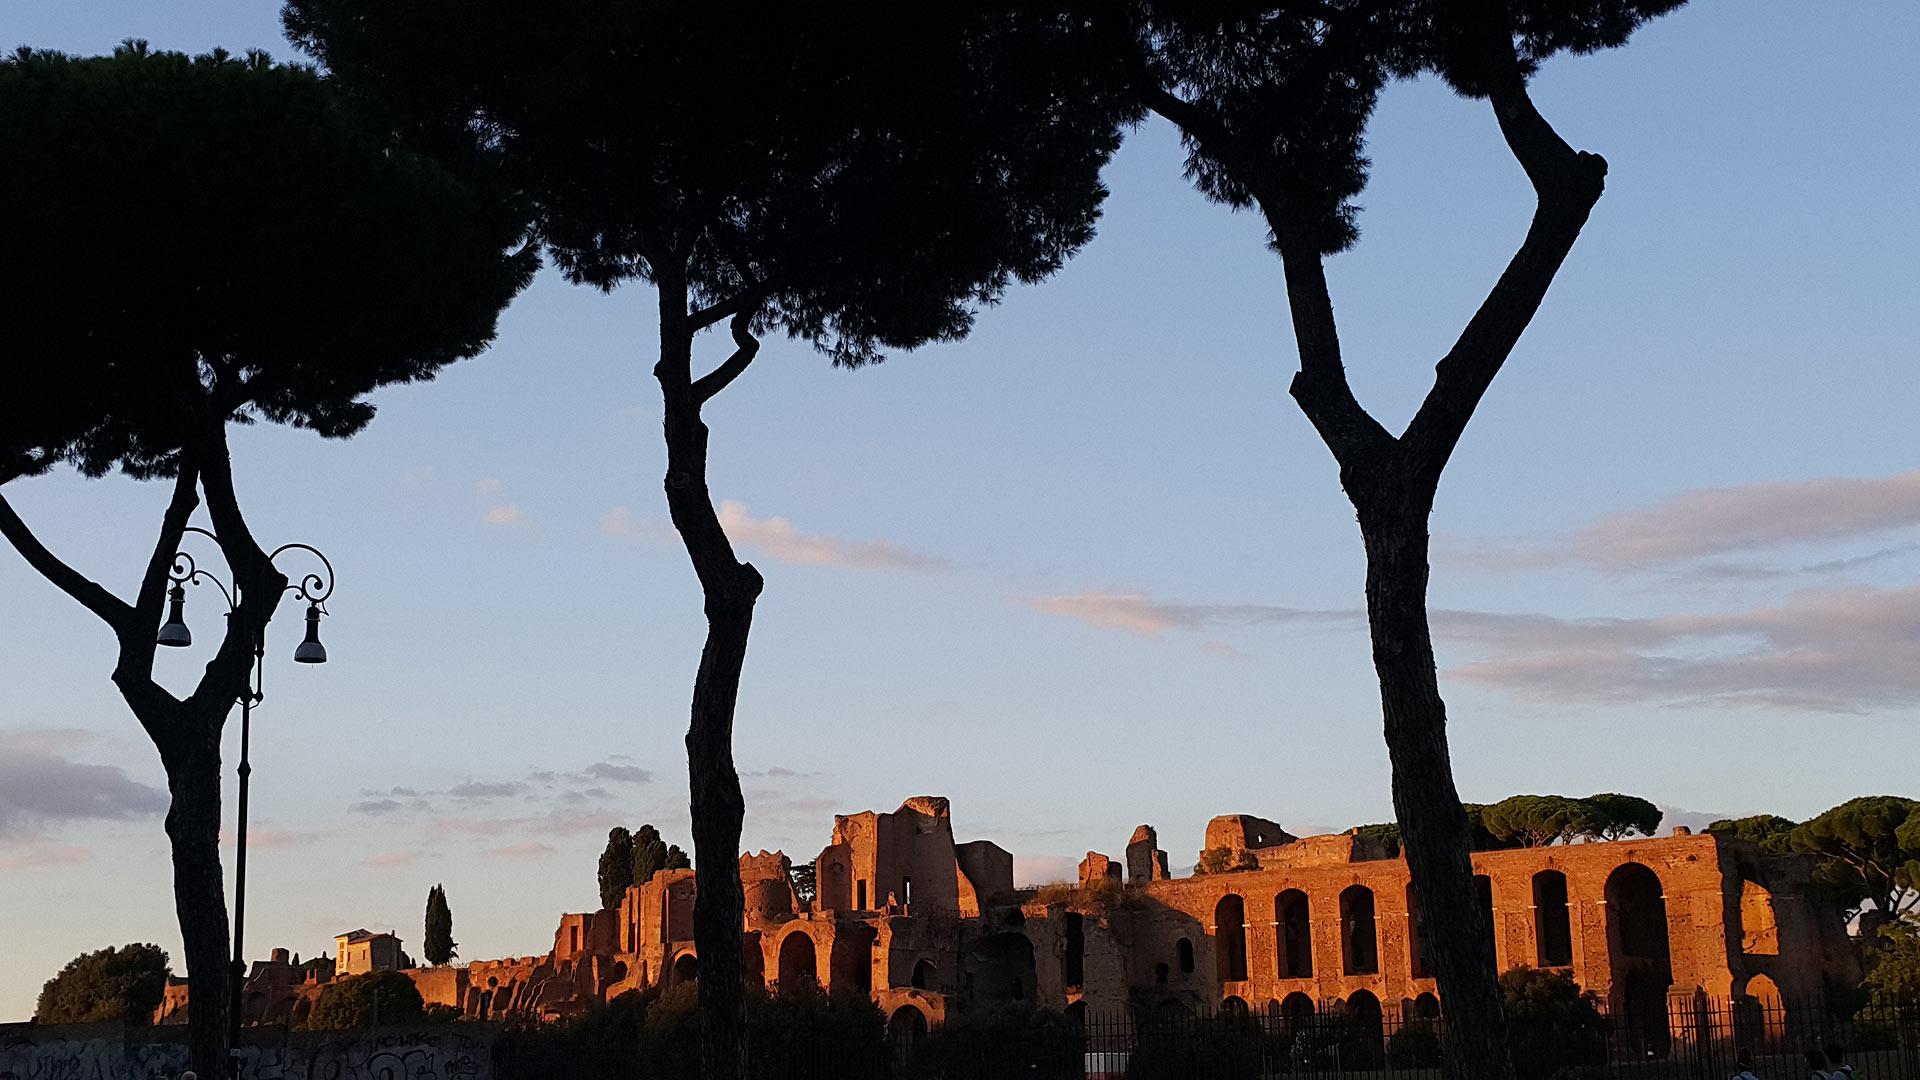 forum-romain04